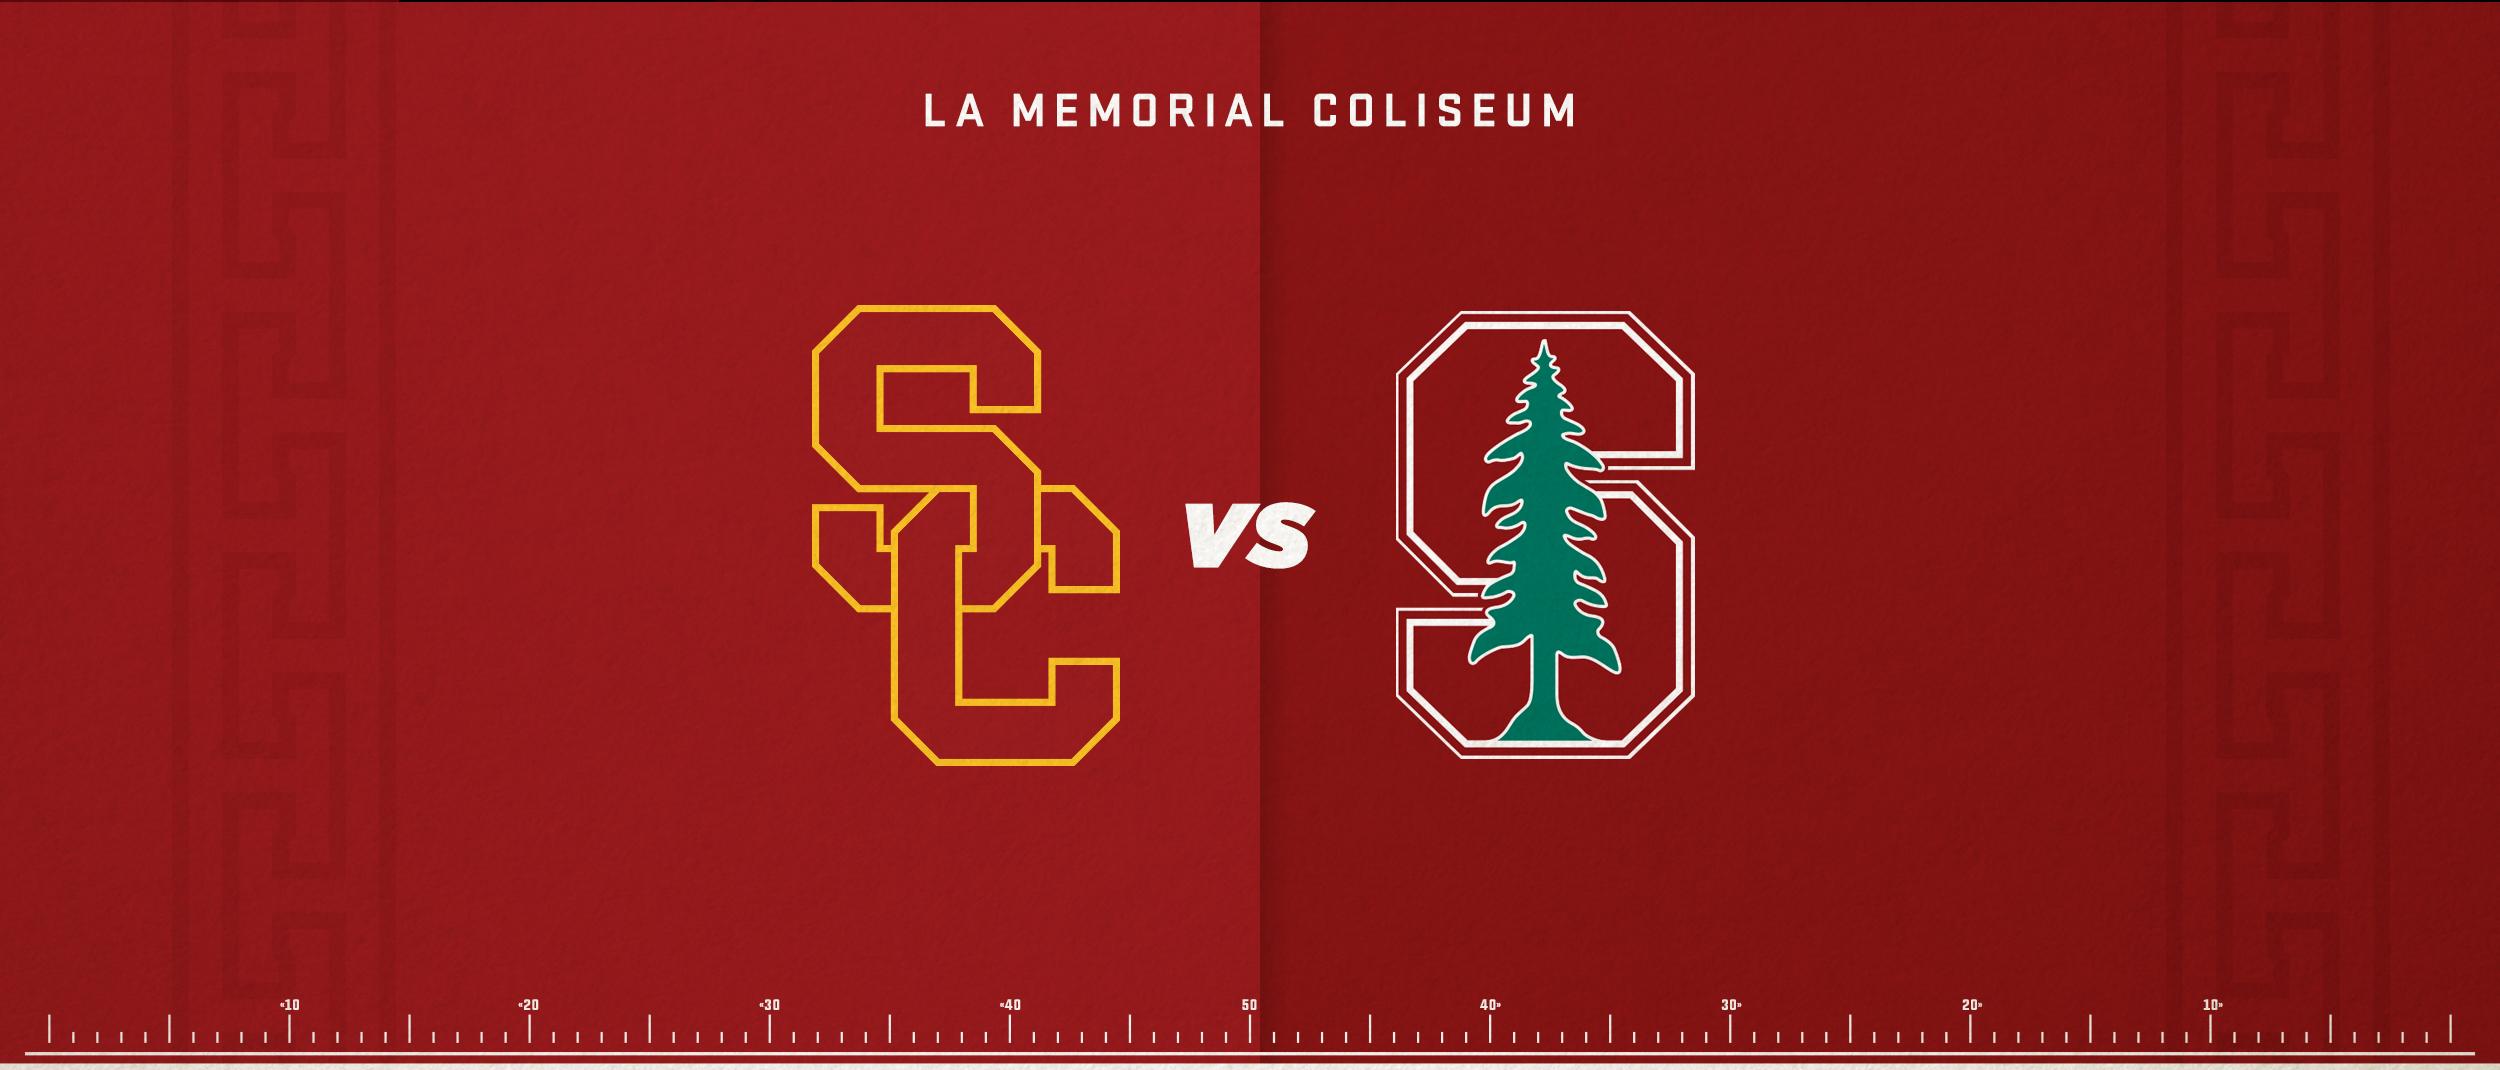 USC VS STANFORD